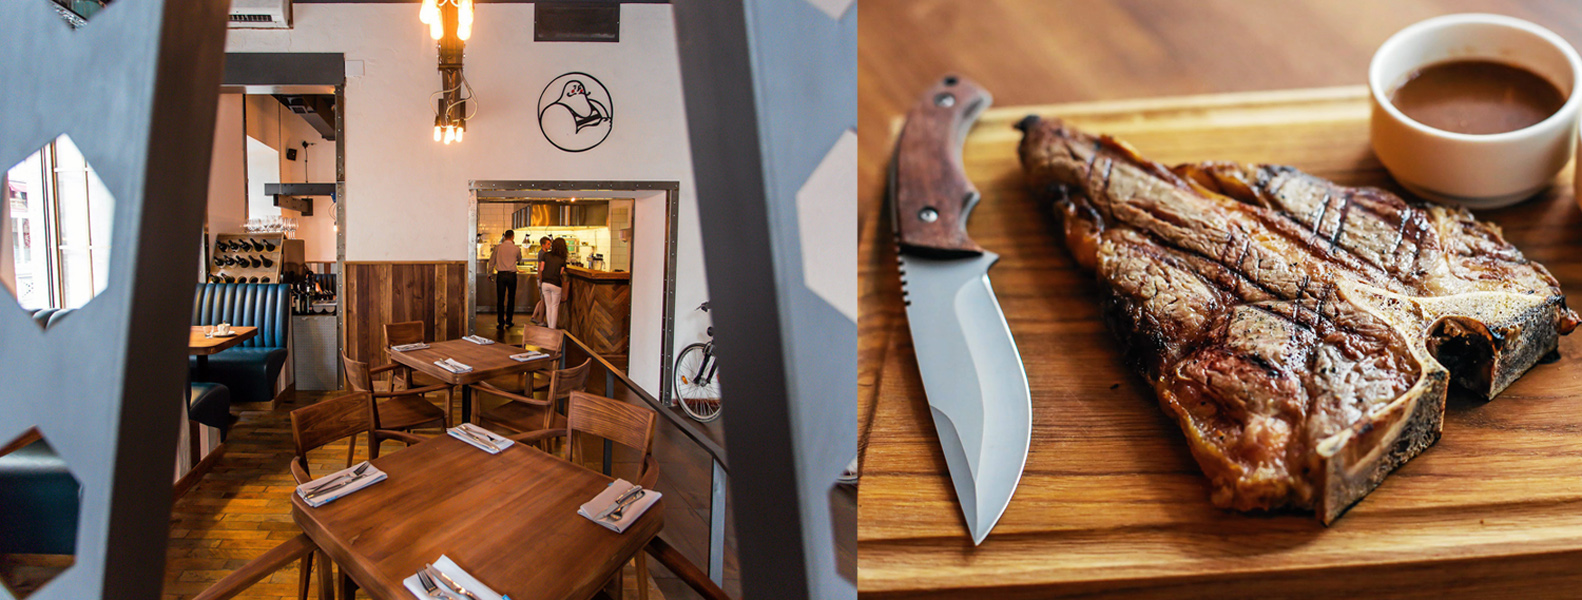 Wnętrze restauracji Ed Red oraz steki z klasycznymi francuskimi sosami, fot. Mateusz Skwarczek / AG